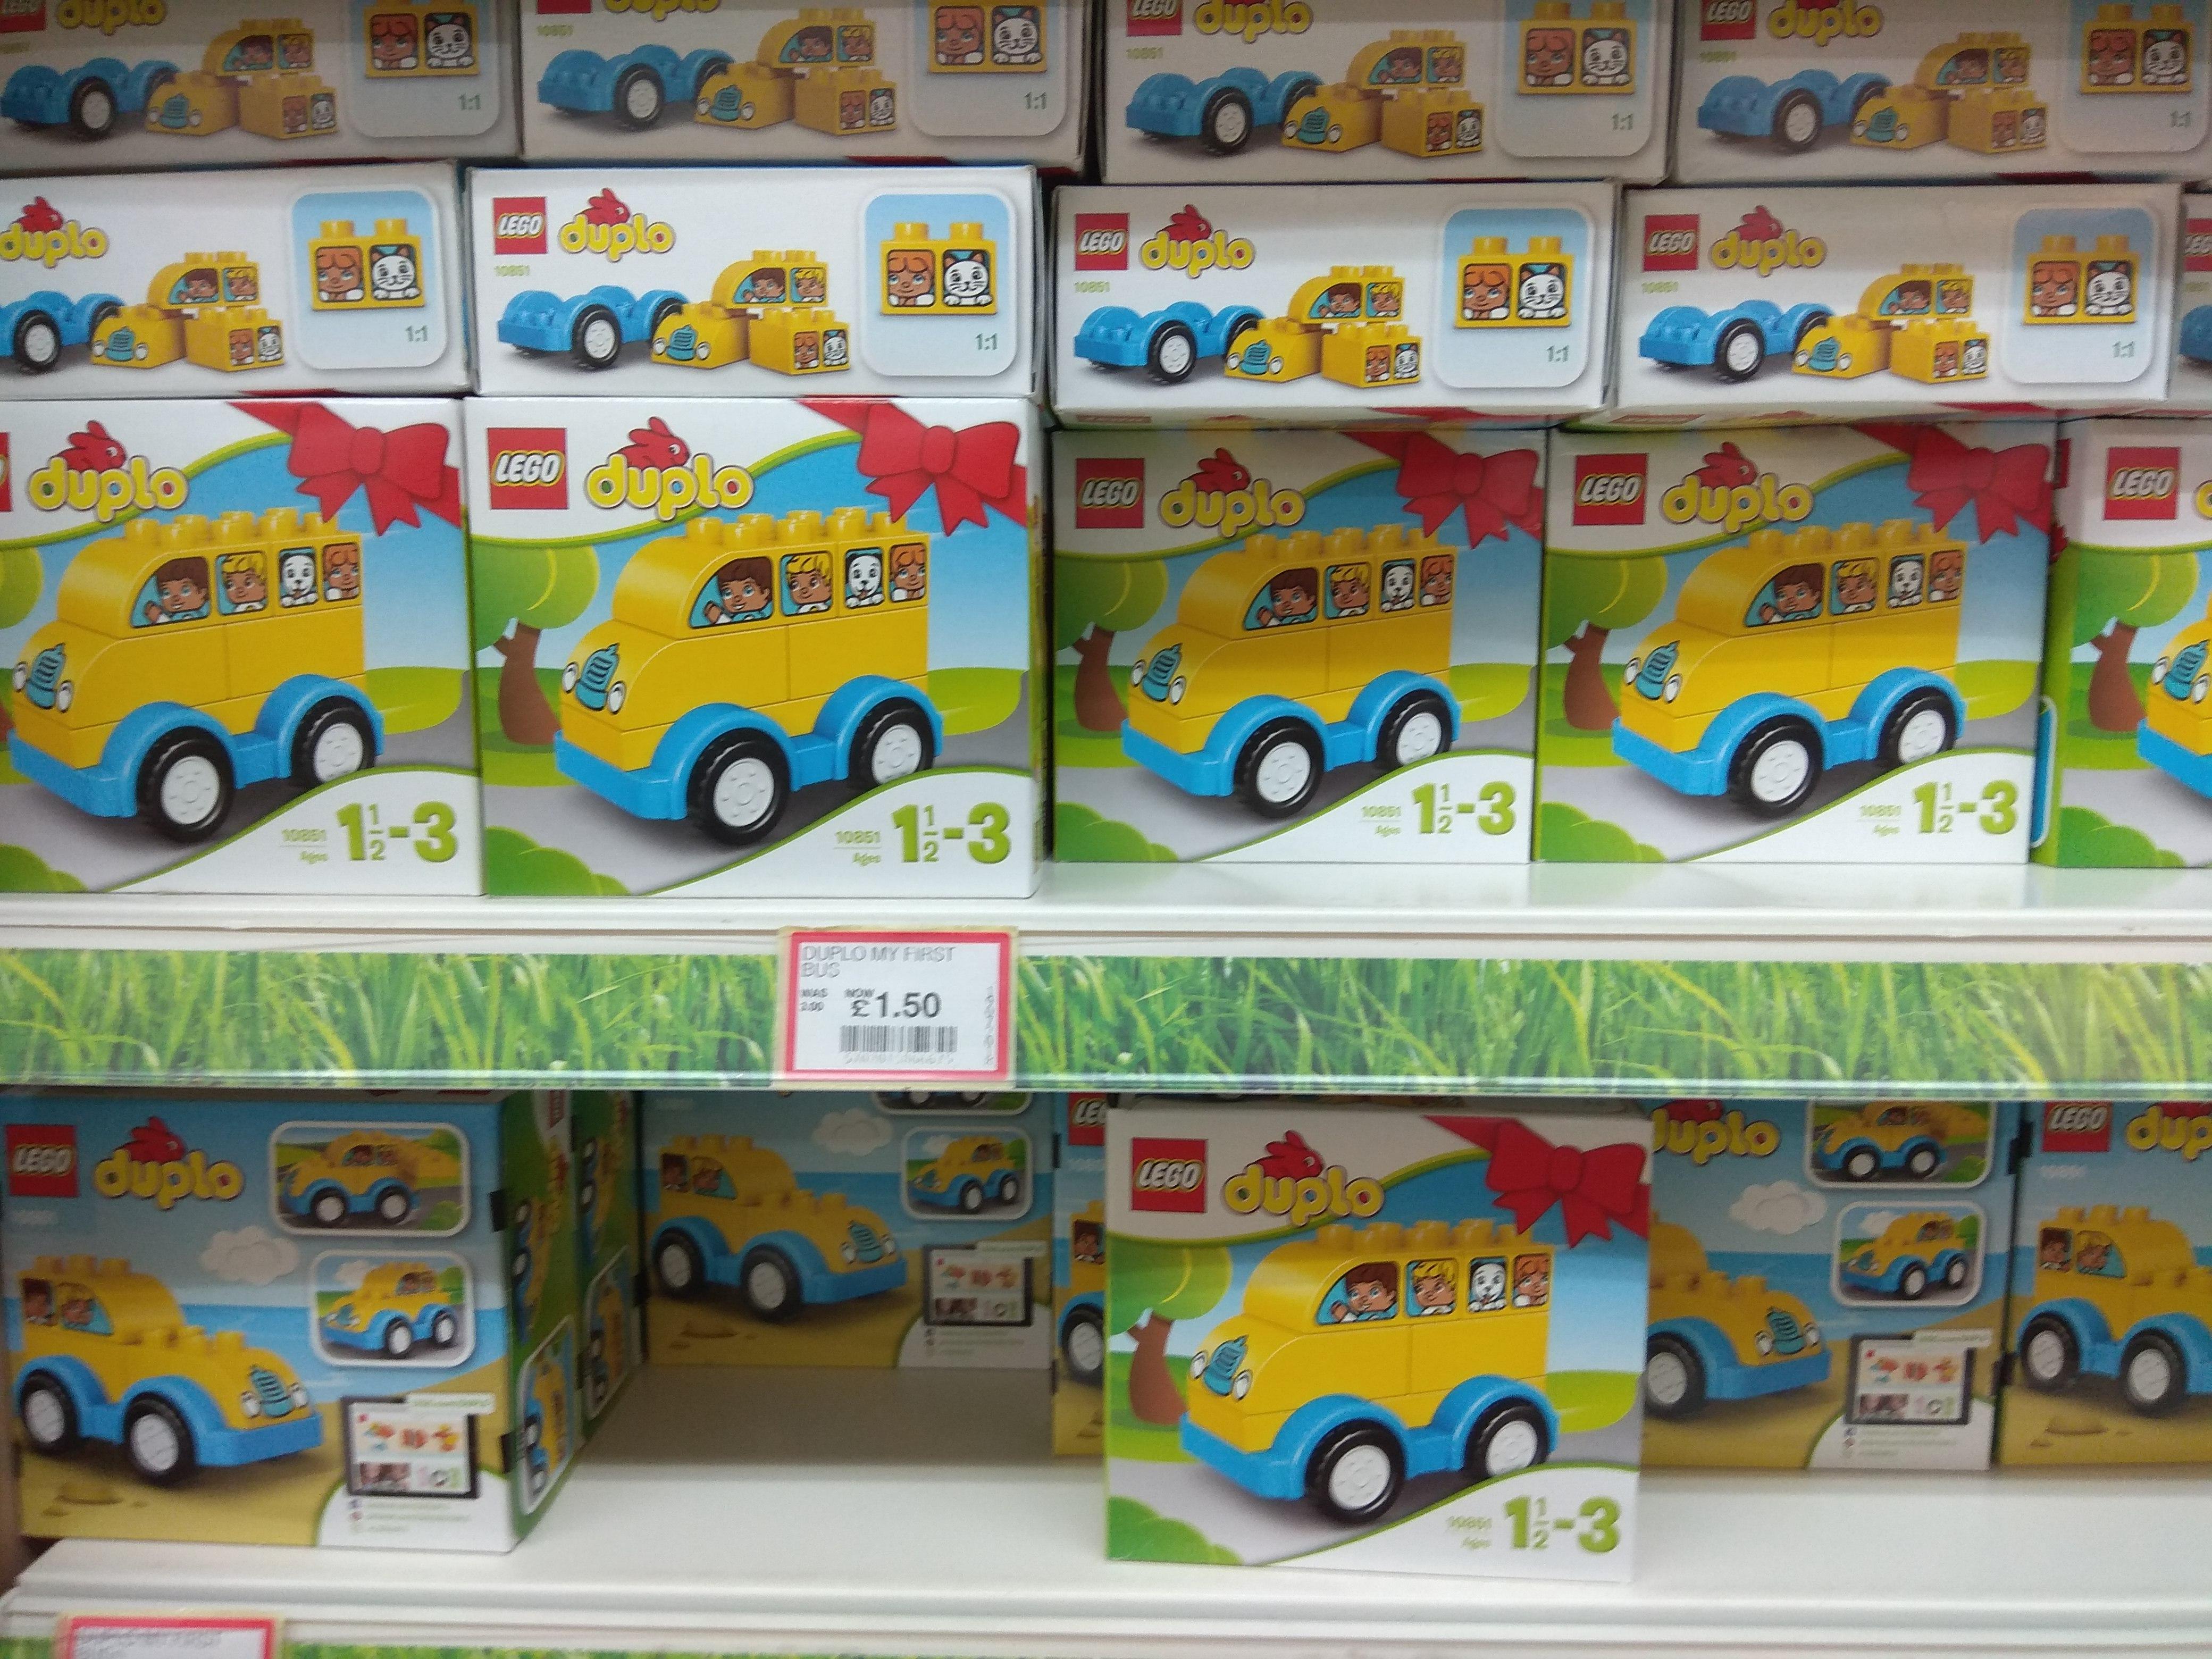 Dobbies Garden Centre, Lego Duplo 10851 My First Bus, half price £1.50